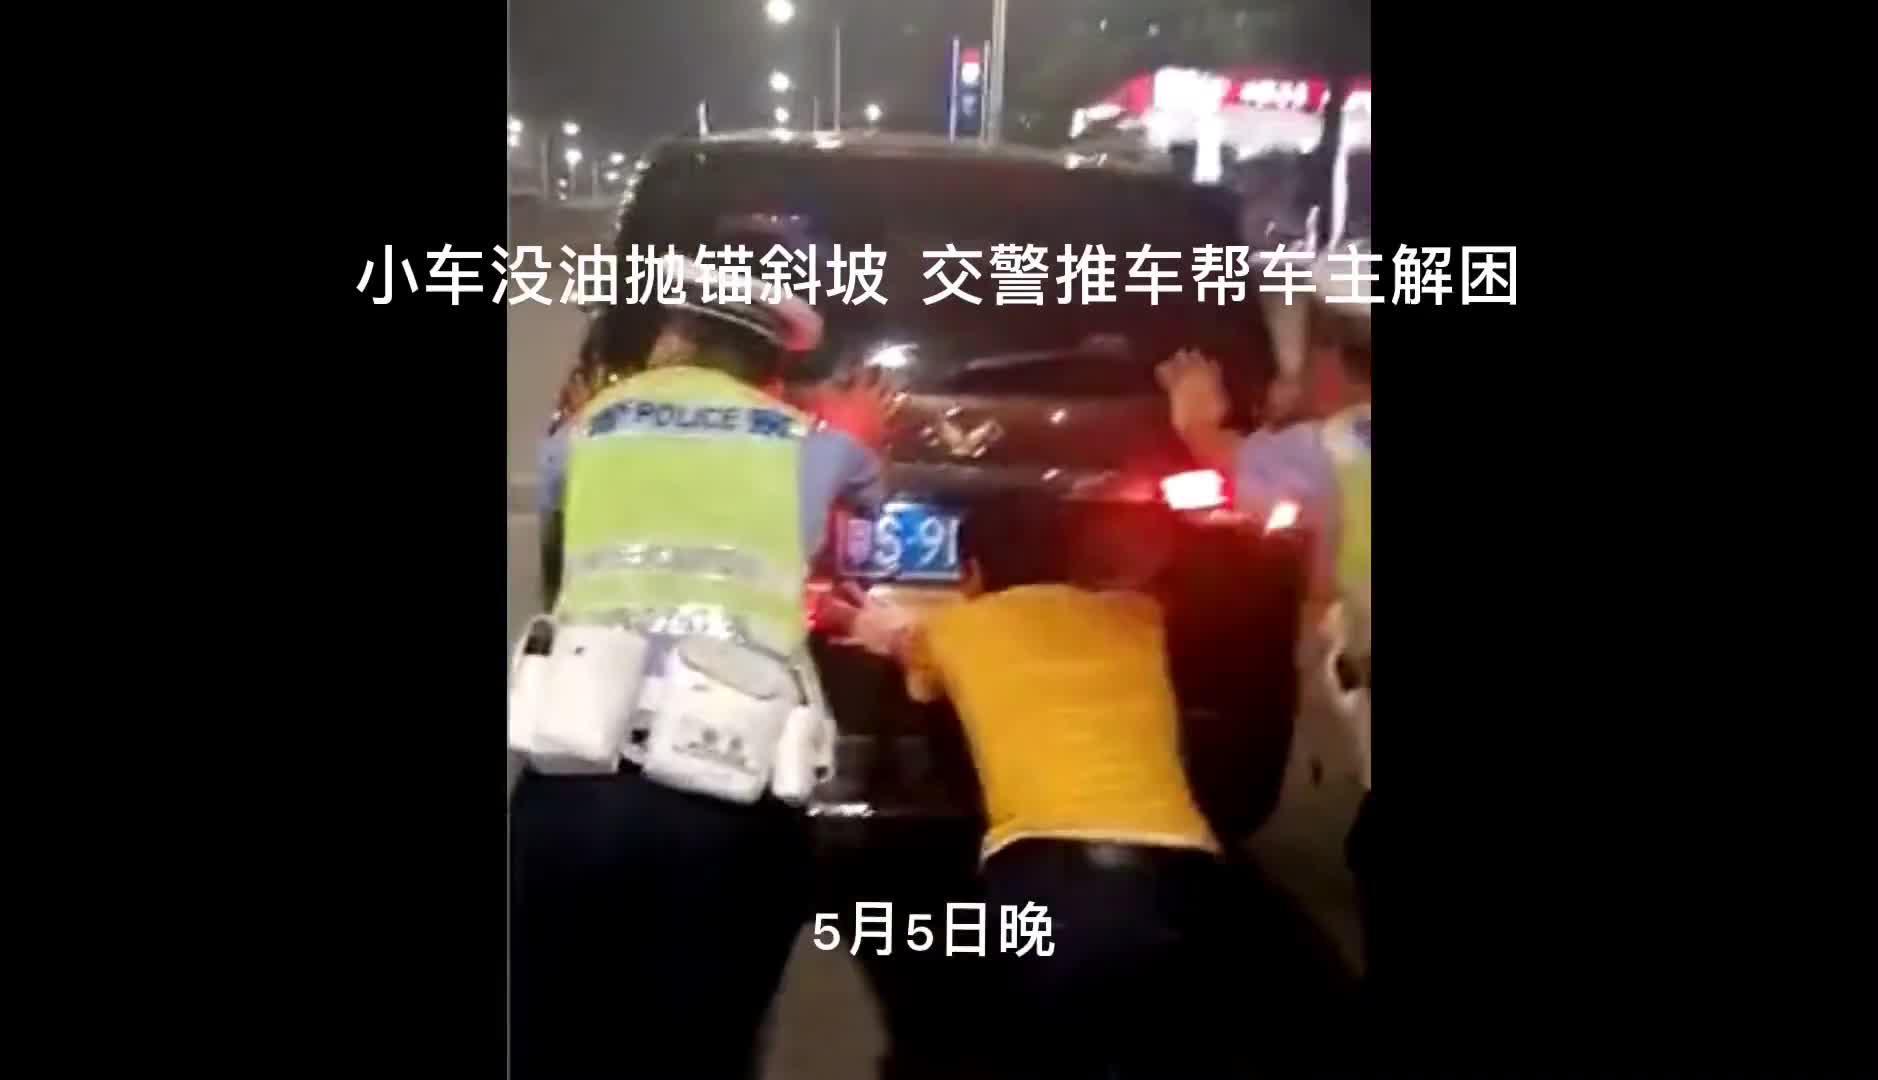 【粤直击】小车没油抛锚斜坡,交警推车帮车主解困